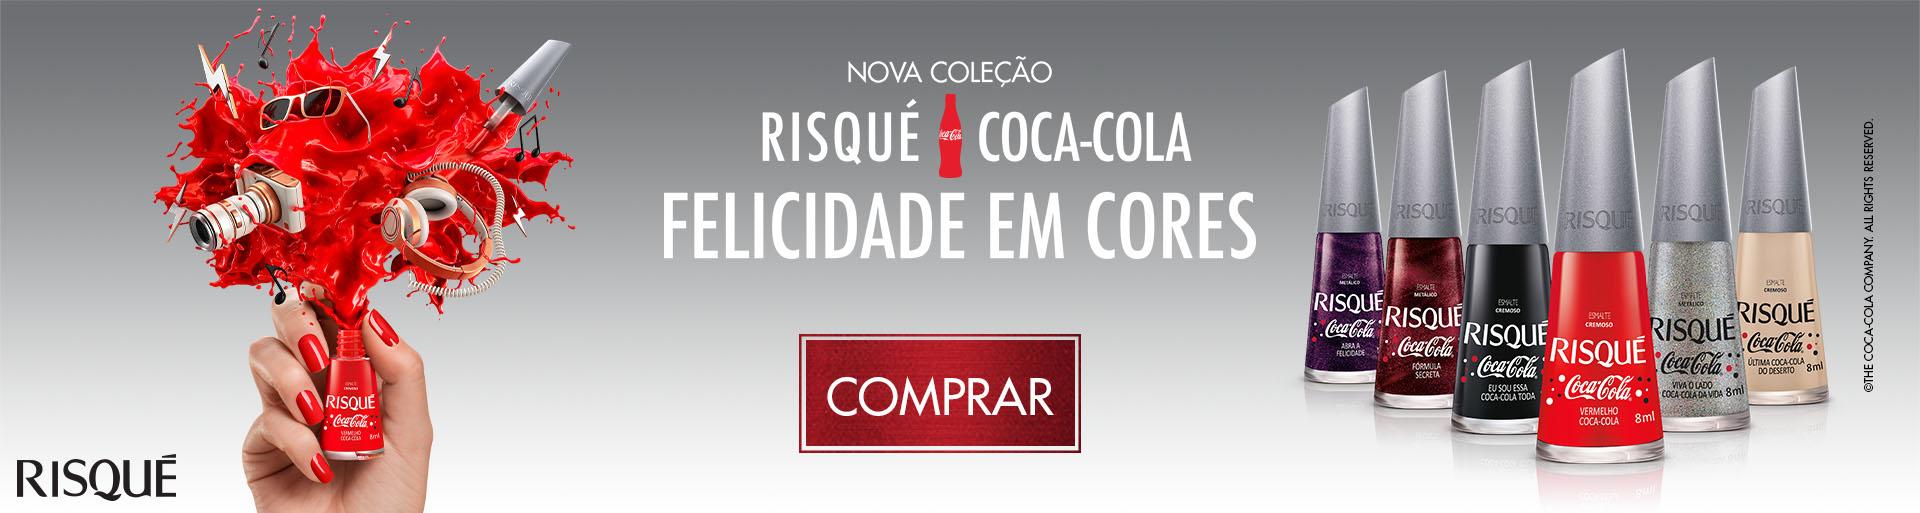 Risqué Coca sem brinde